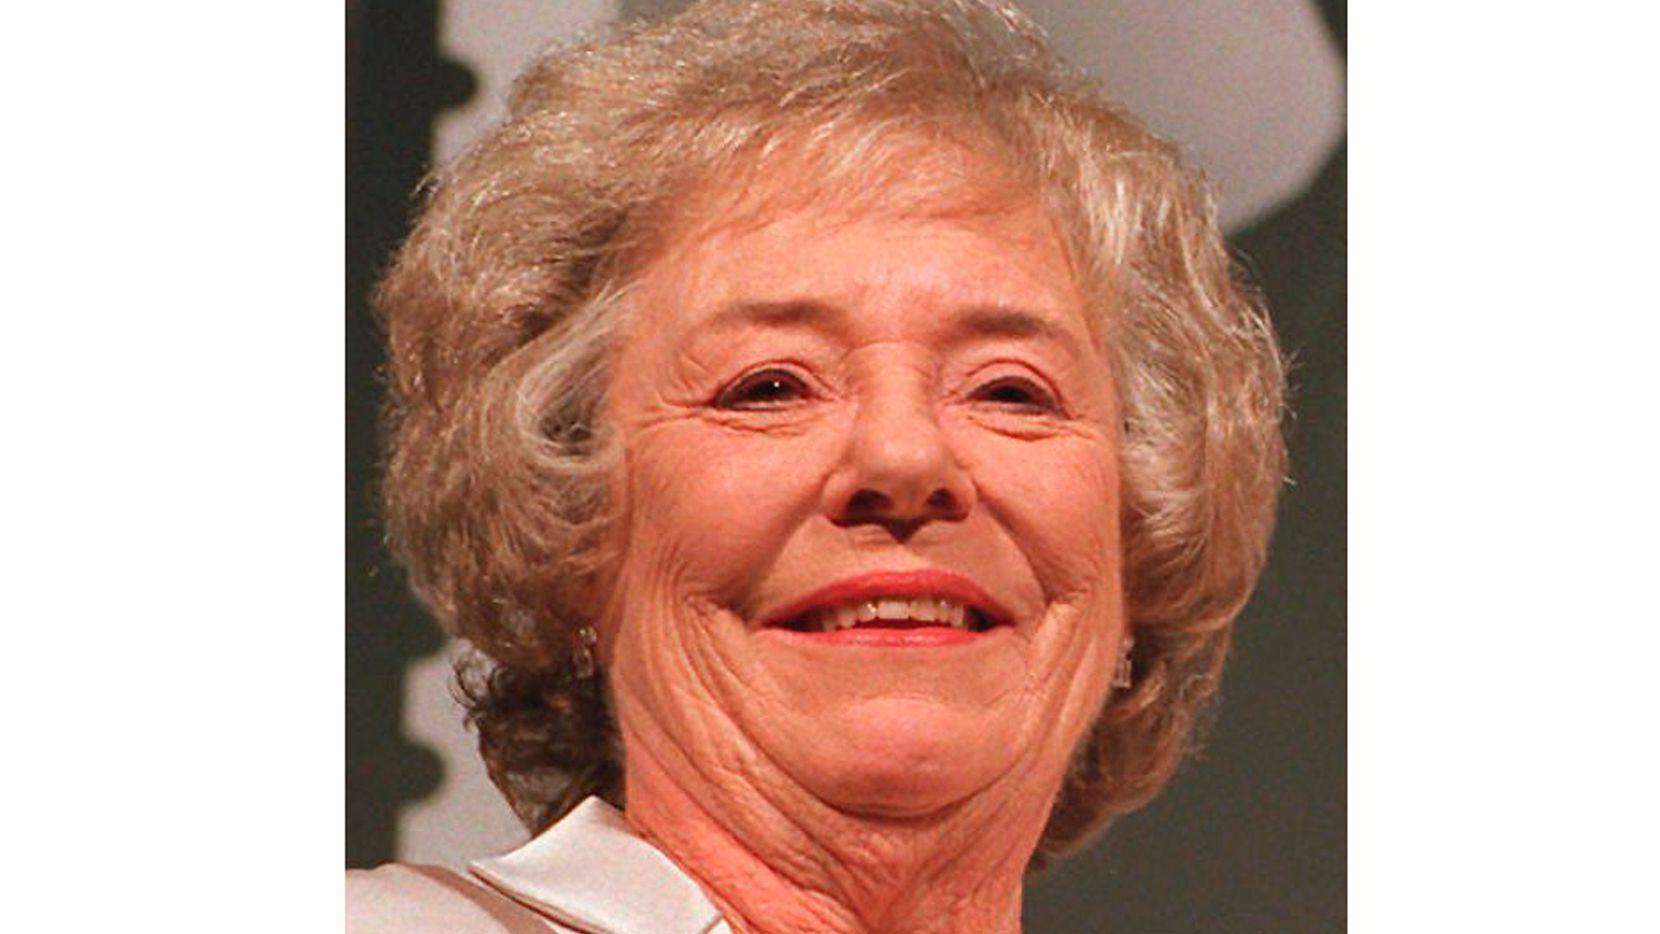 """Pat Hitchcock posa en una fotografía del 29 de octubre de 1997 en Los Angeles. La hija única de Alfred Hitchcock, quien actuó en """"Strangers on a Train"""", ha muerto. Tenía 93 años. La hija de Pat Hitchcock señaló que murió el lunes 9 de agosto de 2021."""